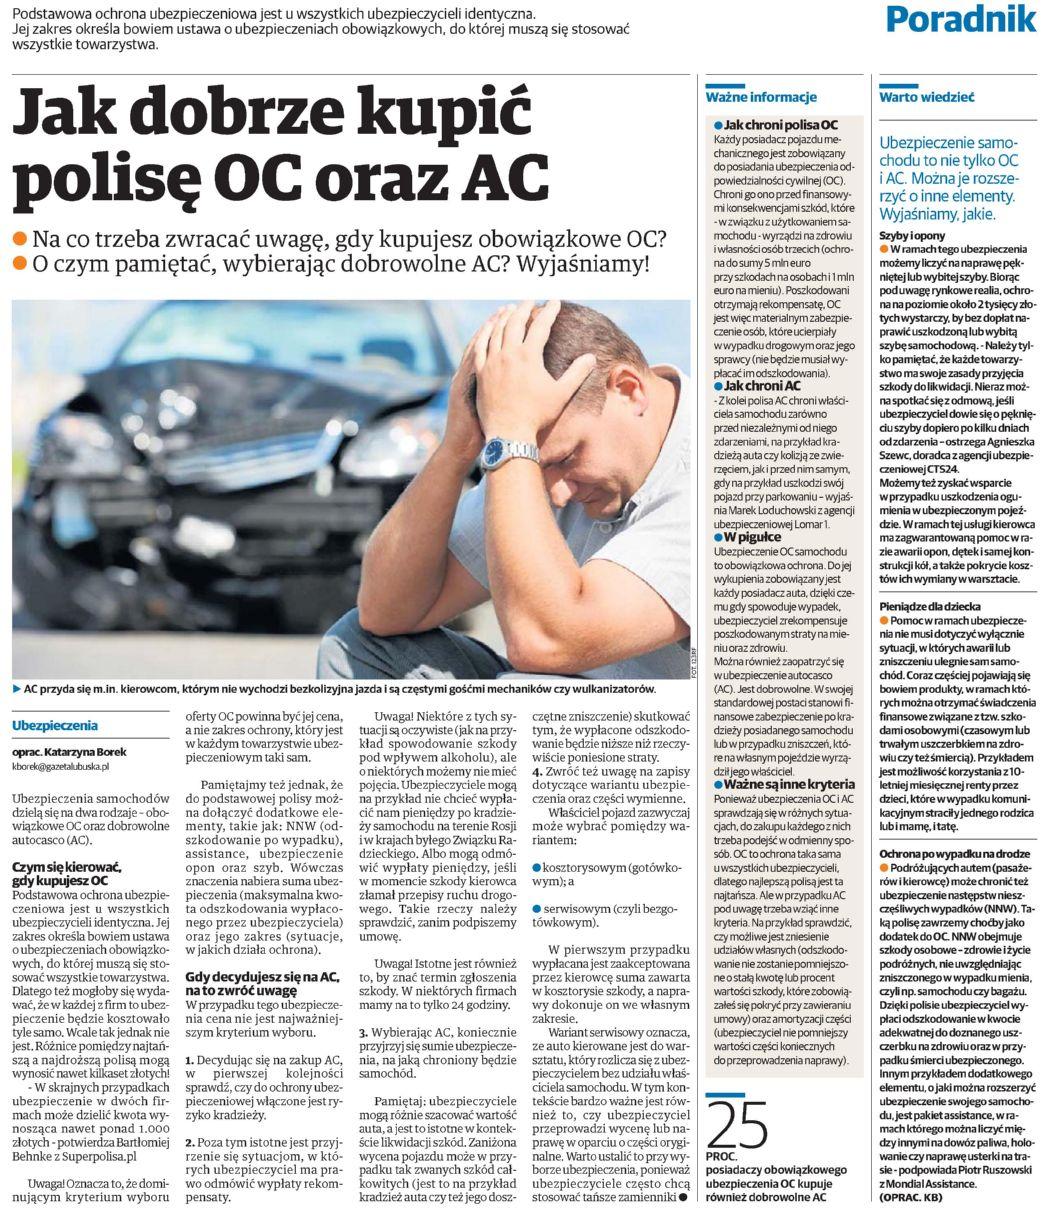 """""""Jak dobrze kupić polisę OC oraz AC"""" – Nowa Trybuna Opolska"""